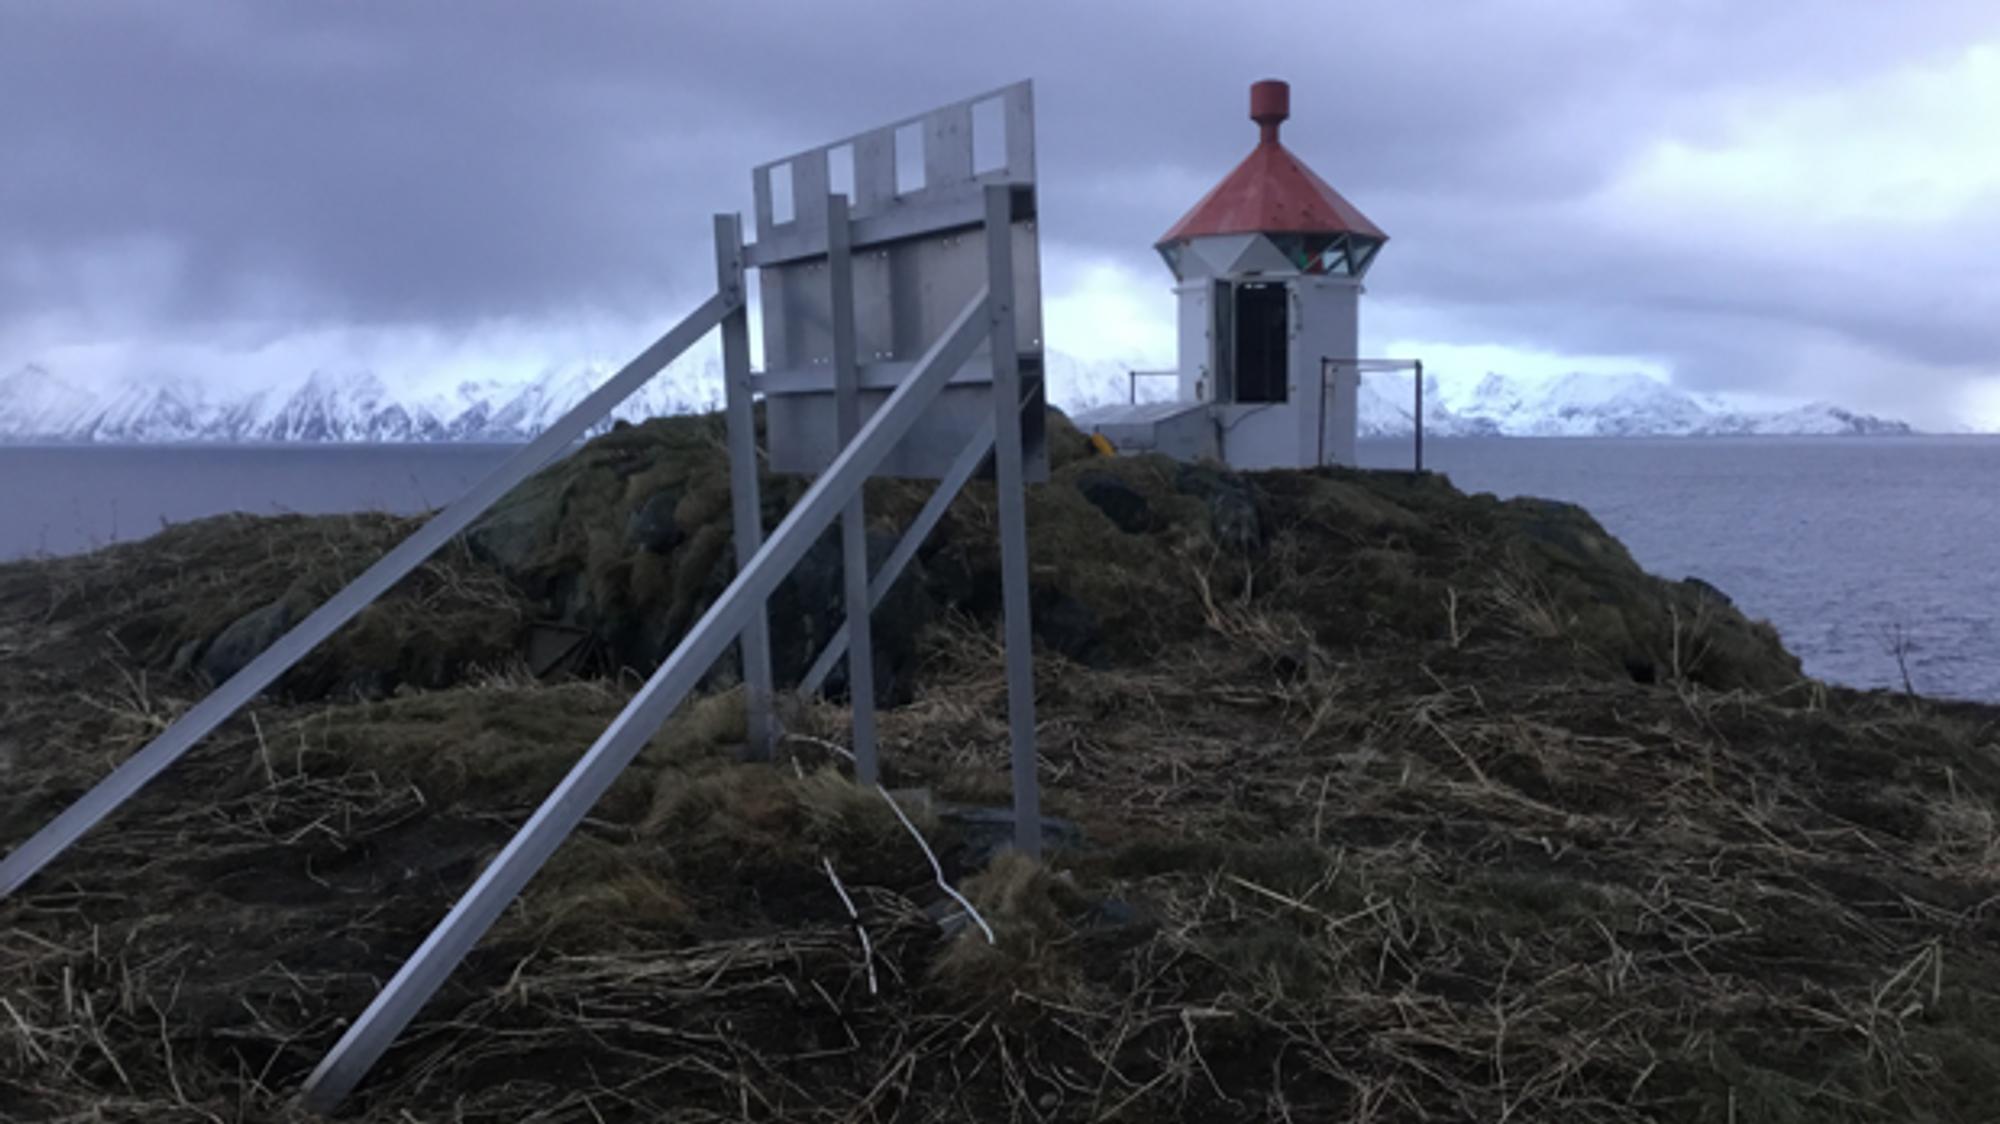 Bare opphenget står igjen etter at noen har stjålet solcellepanelet på fyrlykta Karken på Sørøya i Finnmark.